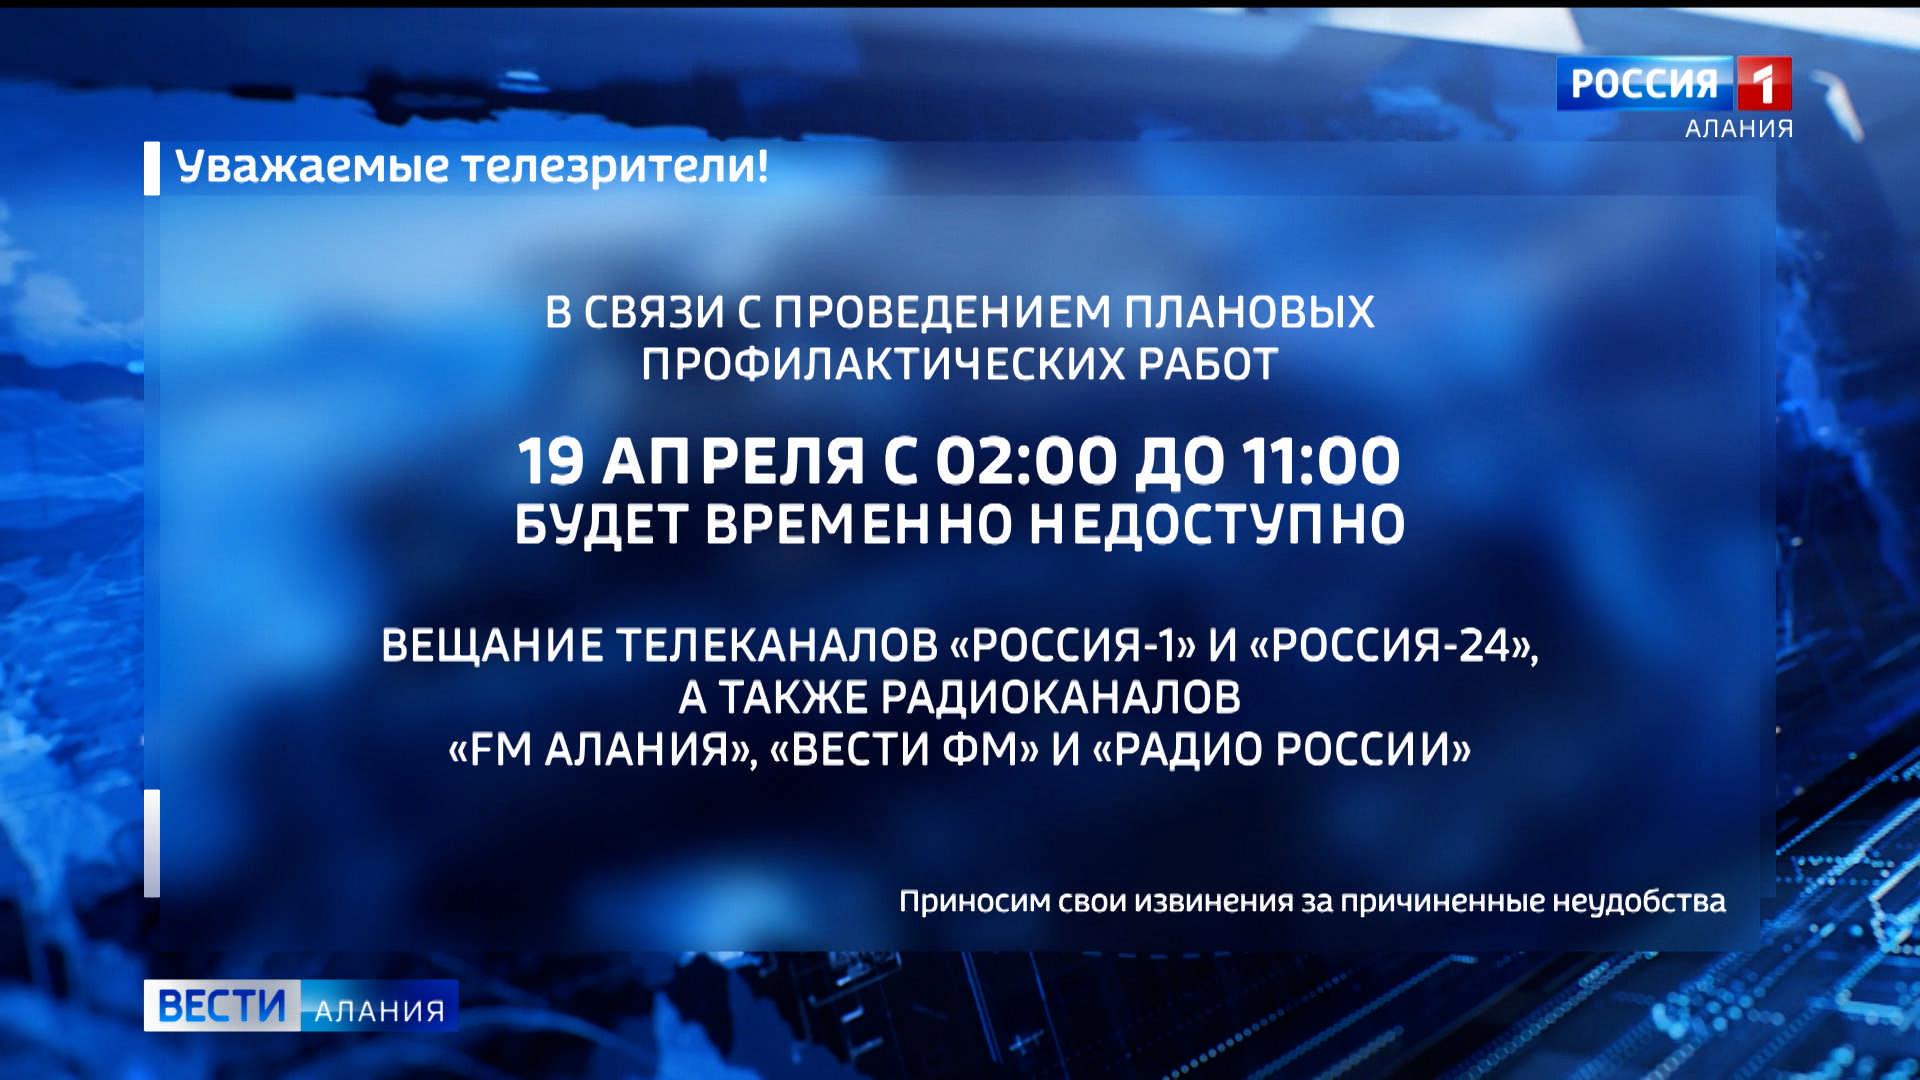 19 апреля в Северной Осетии запланирована профилактика телепередающего оборудования